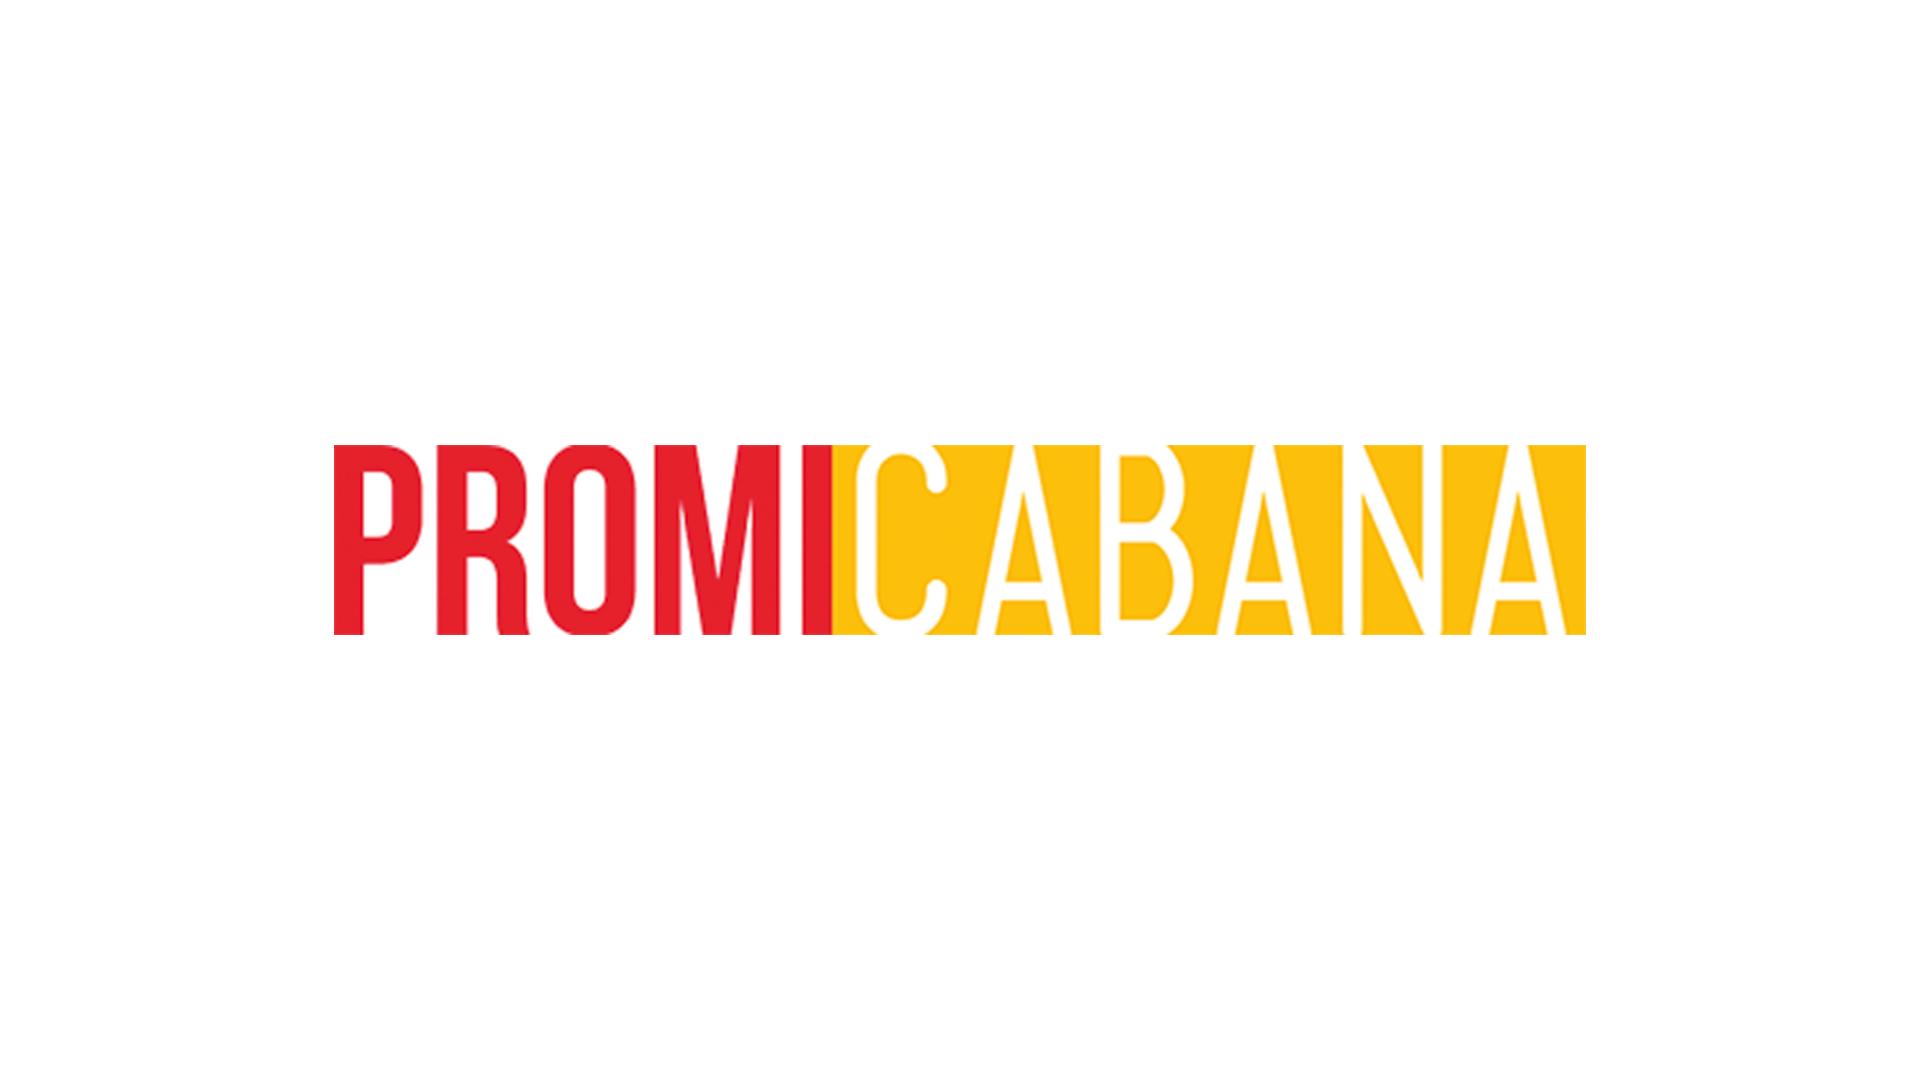 Marty-McFly-Doc-Brown-Zurück-in-die-Zukunft